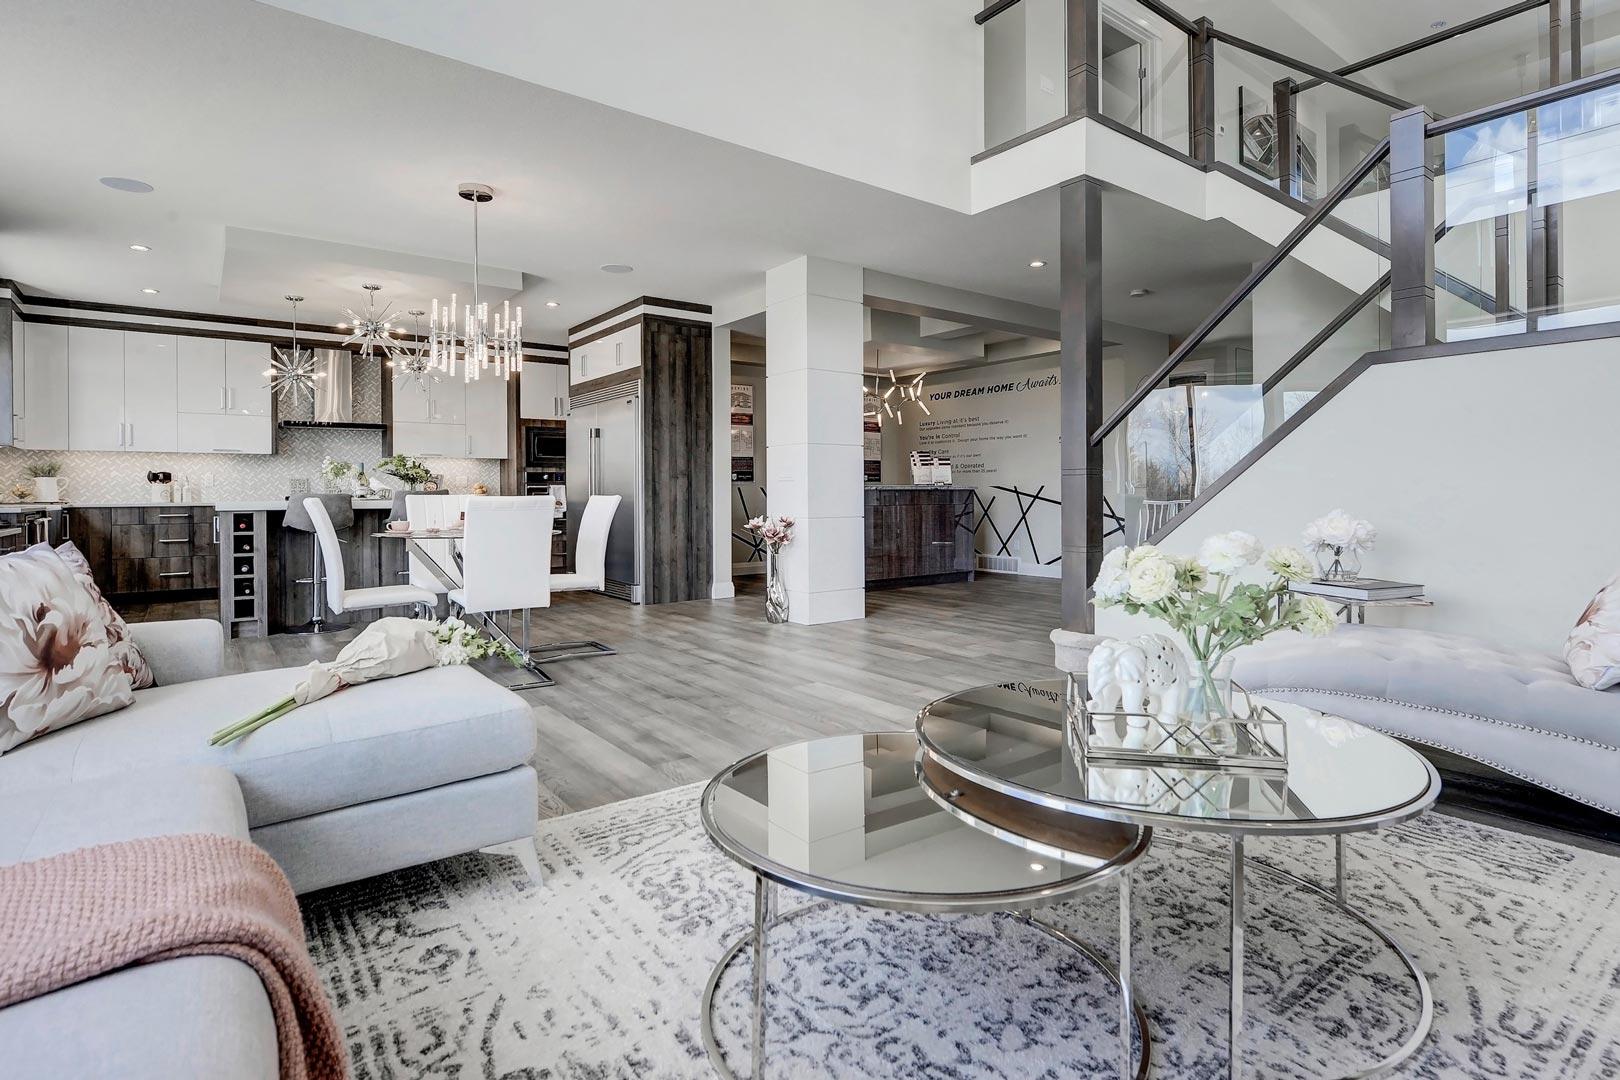 Green Cedar Homes Interior Image - Living Room